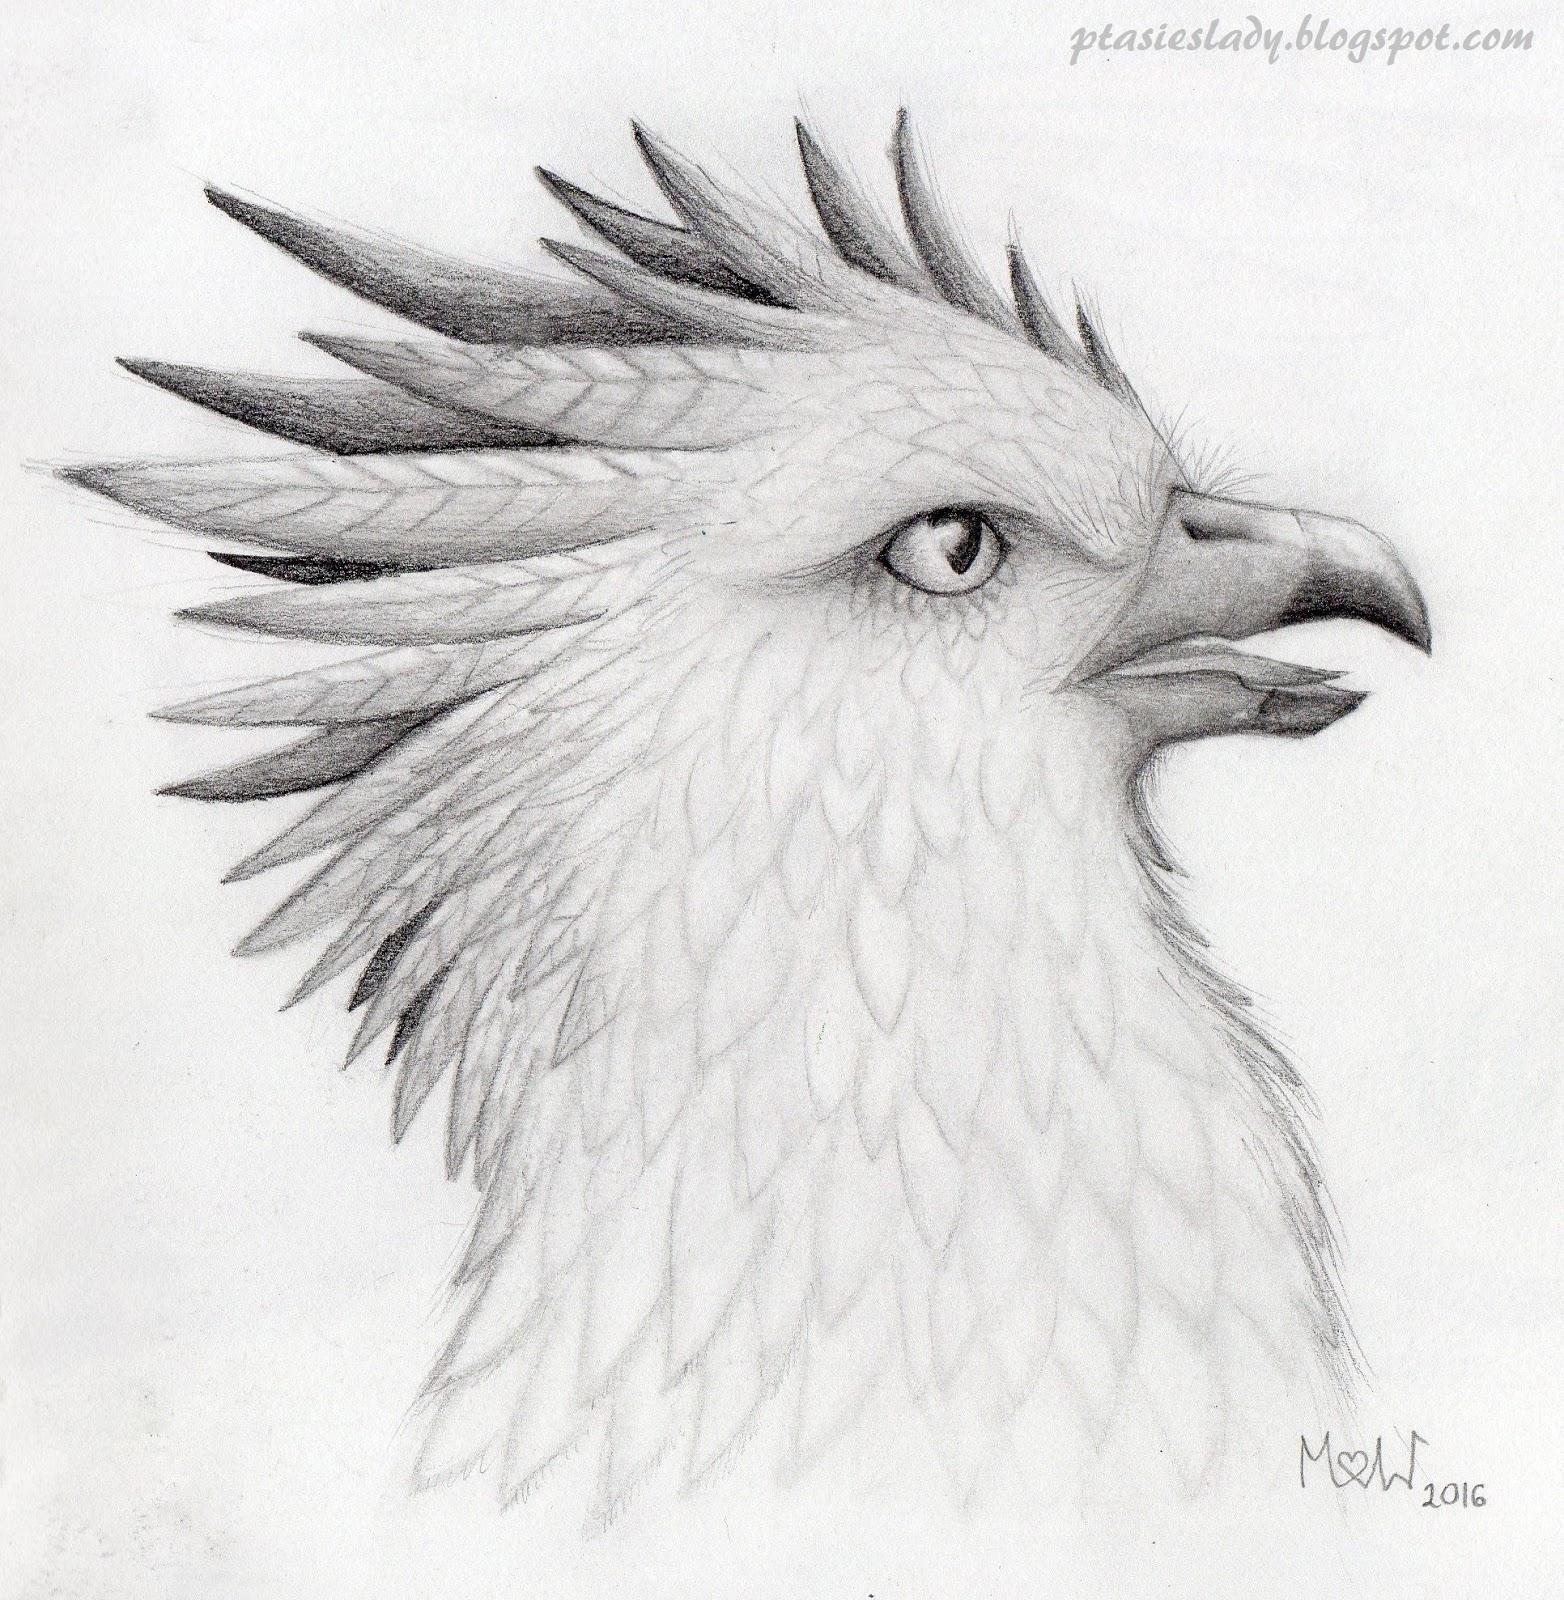 Ptasimi śladami Stycznia 2017